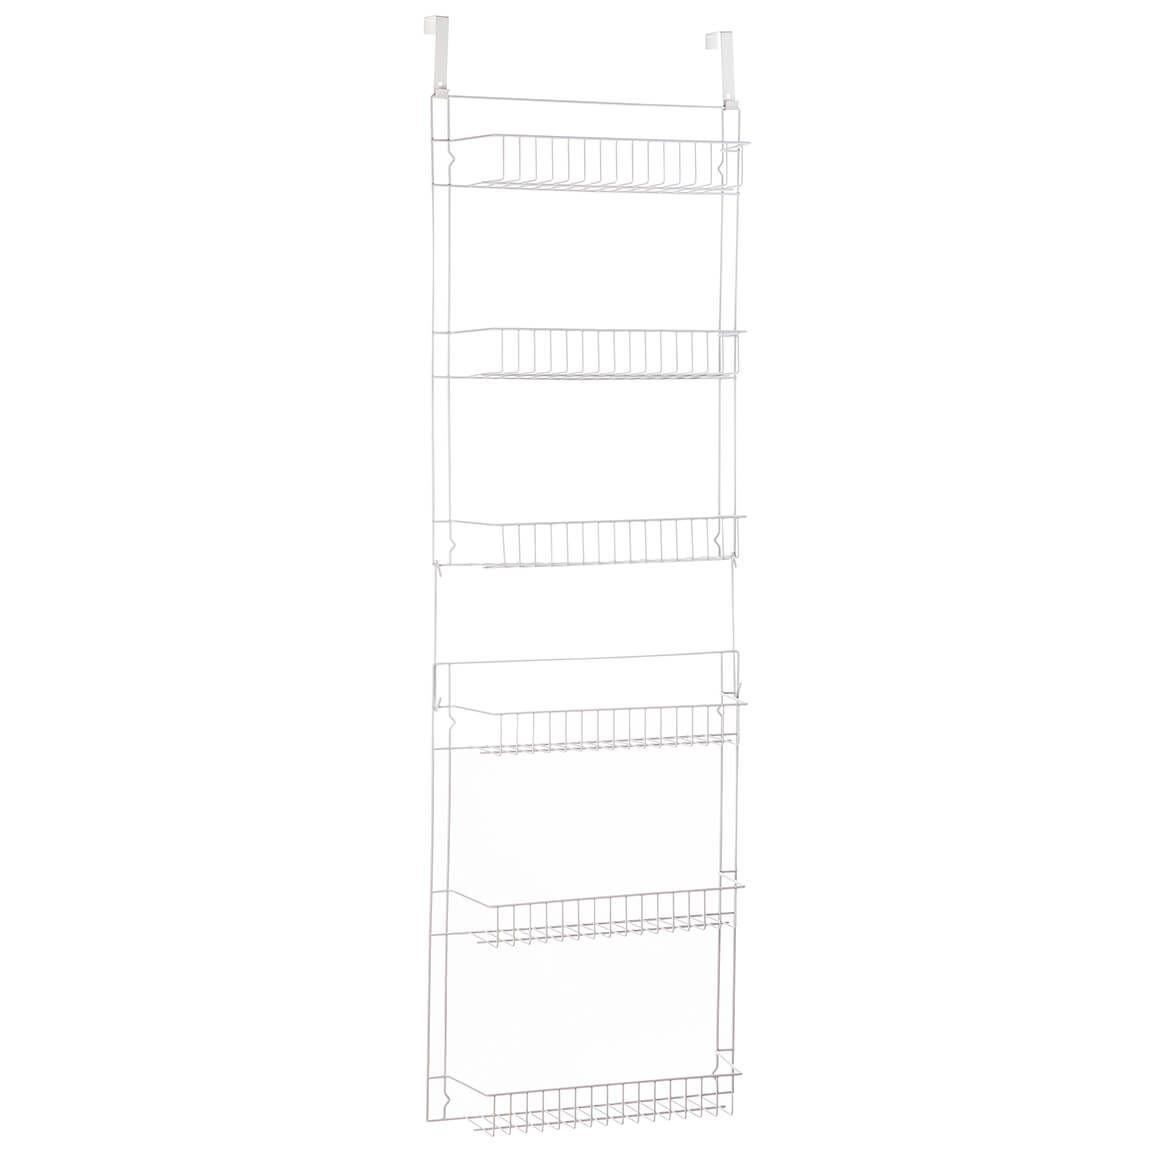 Over The Door Storage Rack                      XL-303206